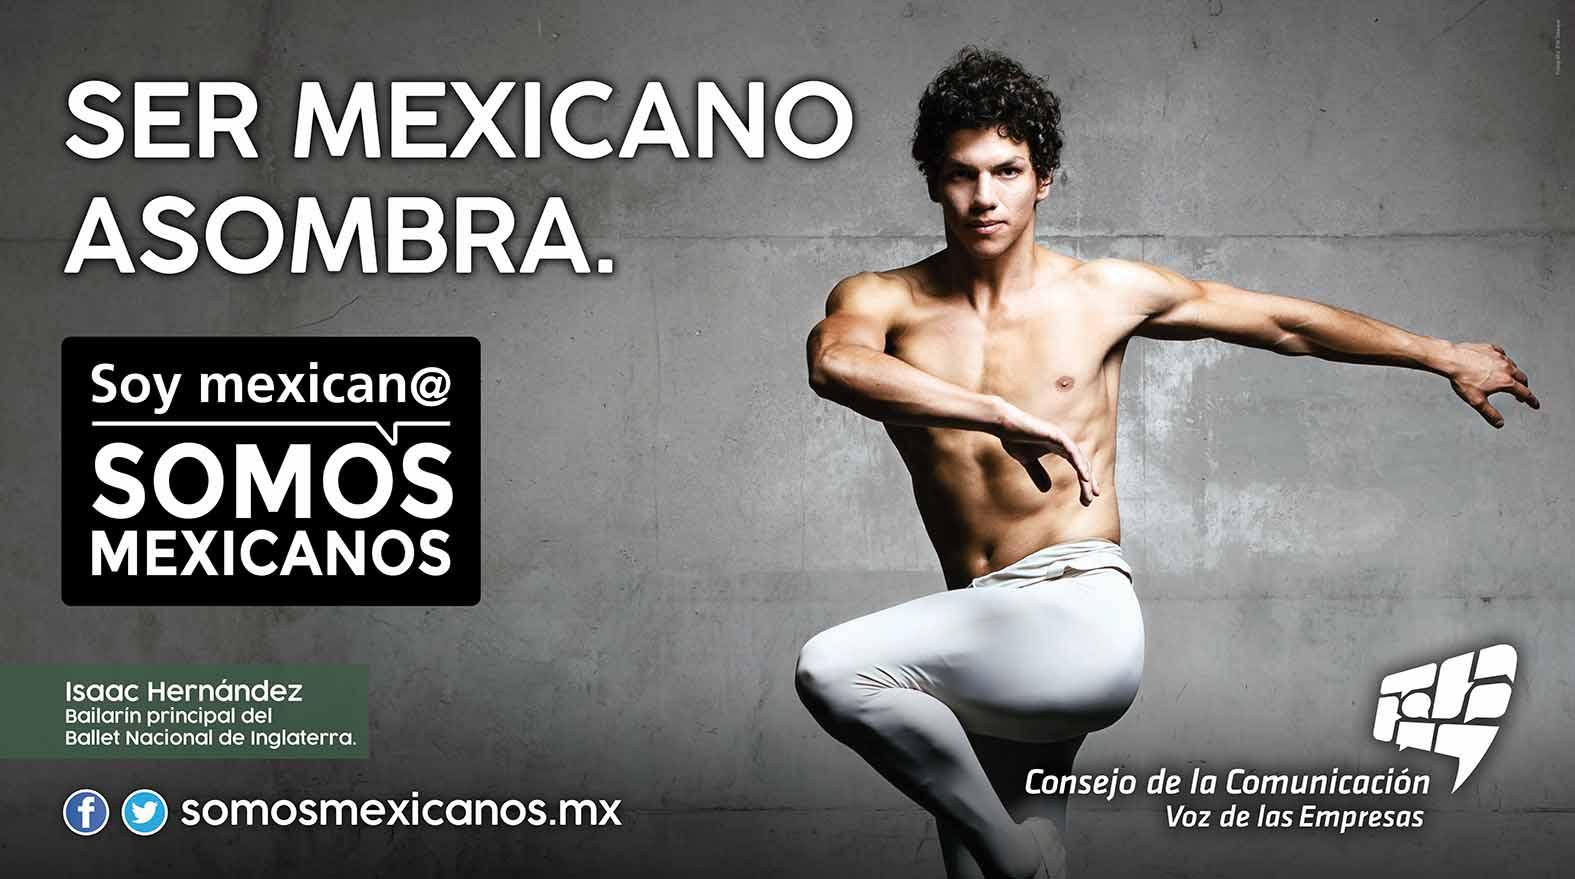 Ser mexicano asombra: Soy Mexican@, Somos Mexicanos